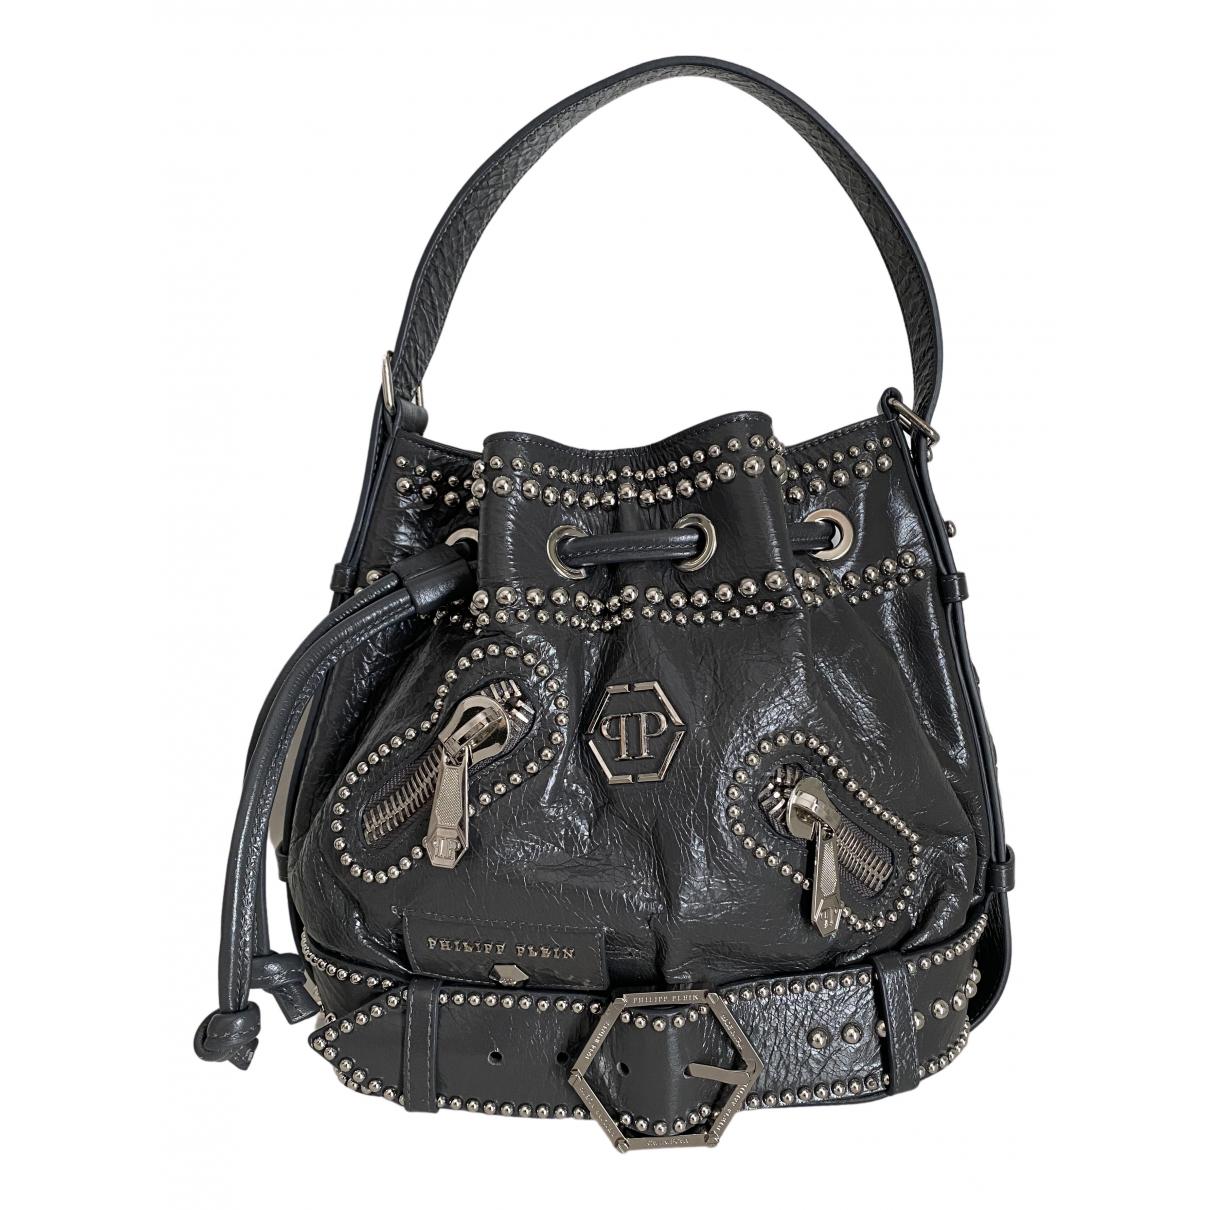 Philipp Plein N Grey Leather handbag for Women N